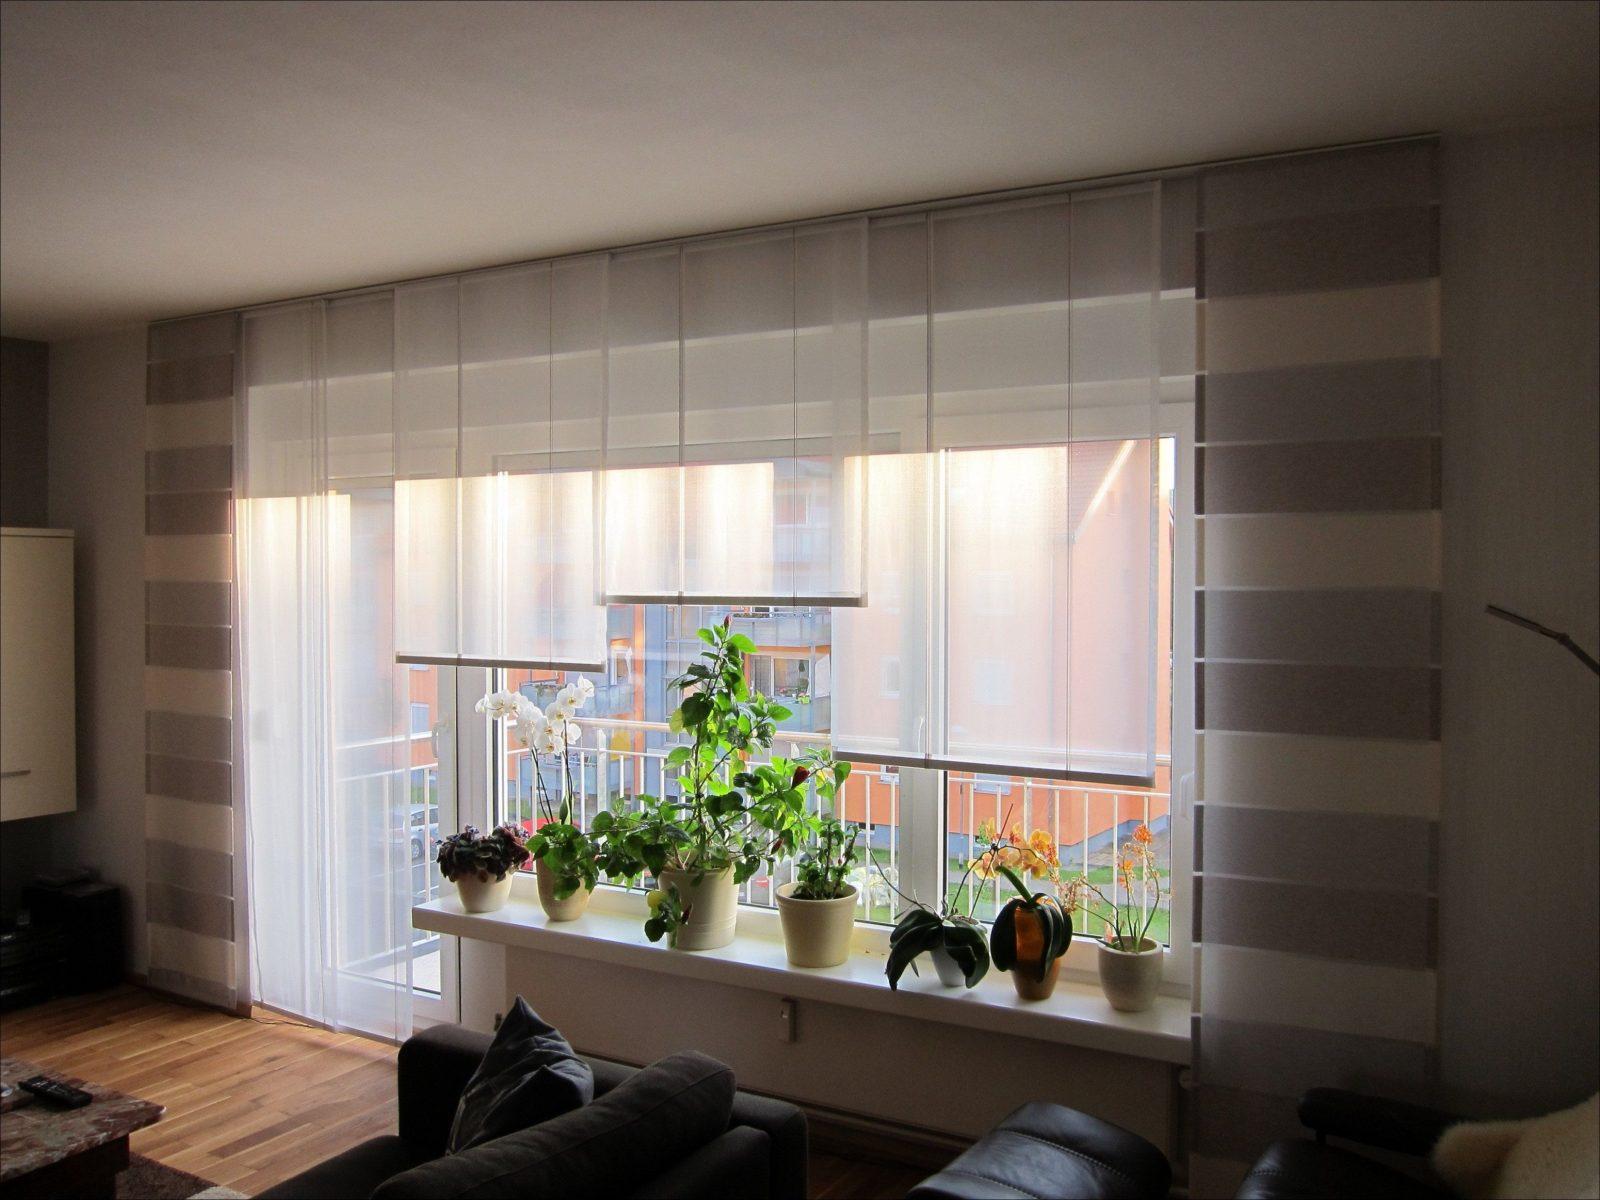 Luxus Vorhang Balkontür Und Fenster Schema von Gardinen Für Terrassentür Und Fenster Bild